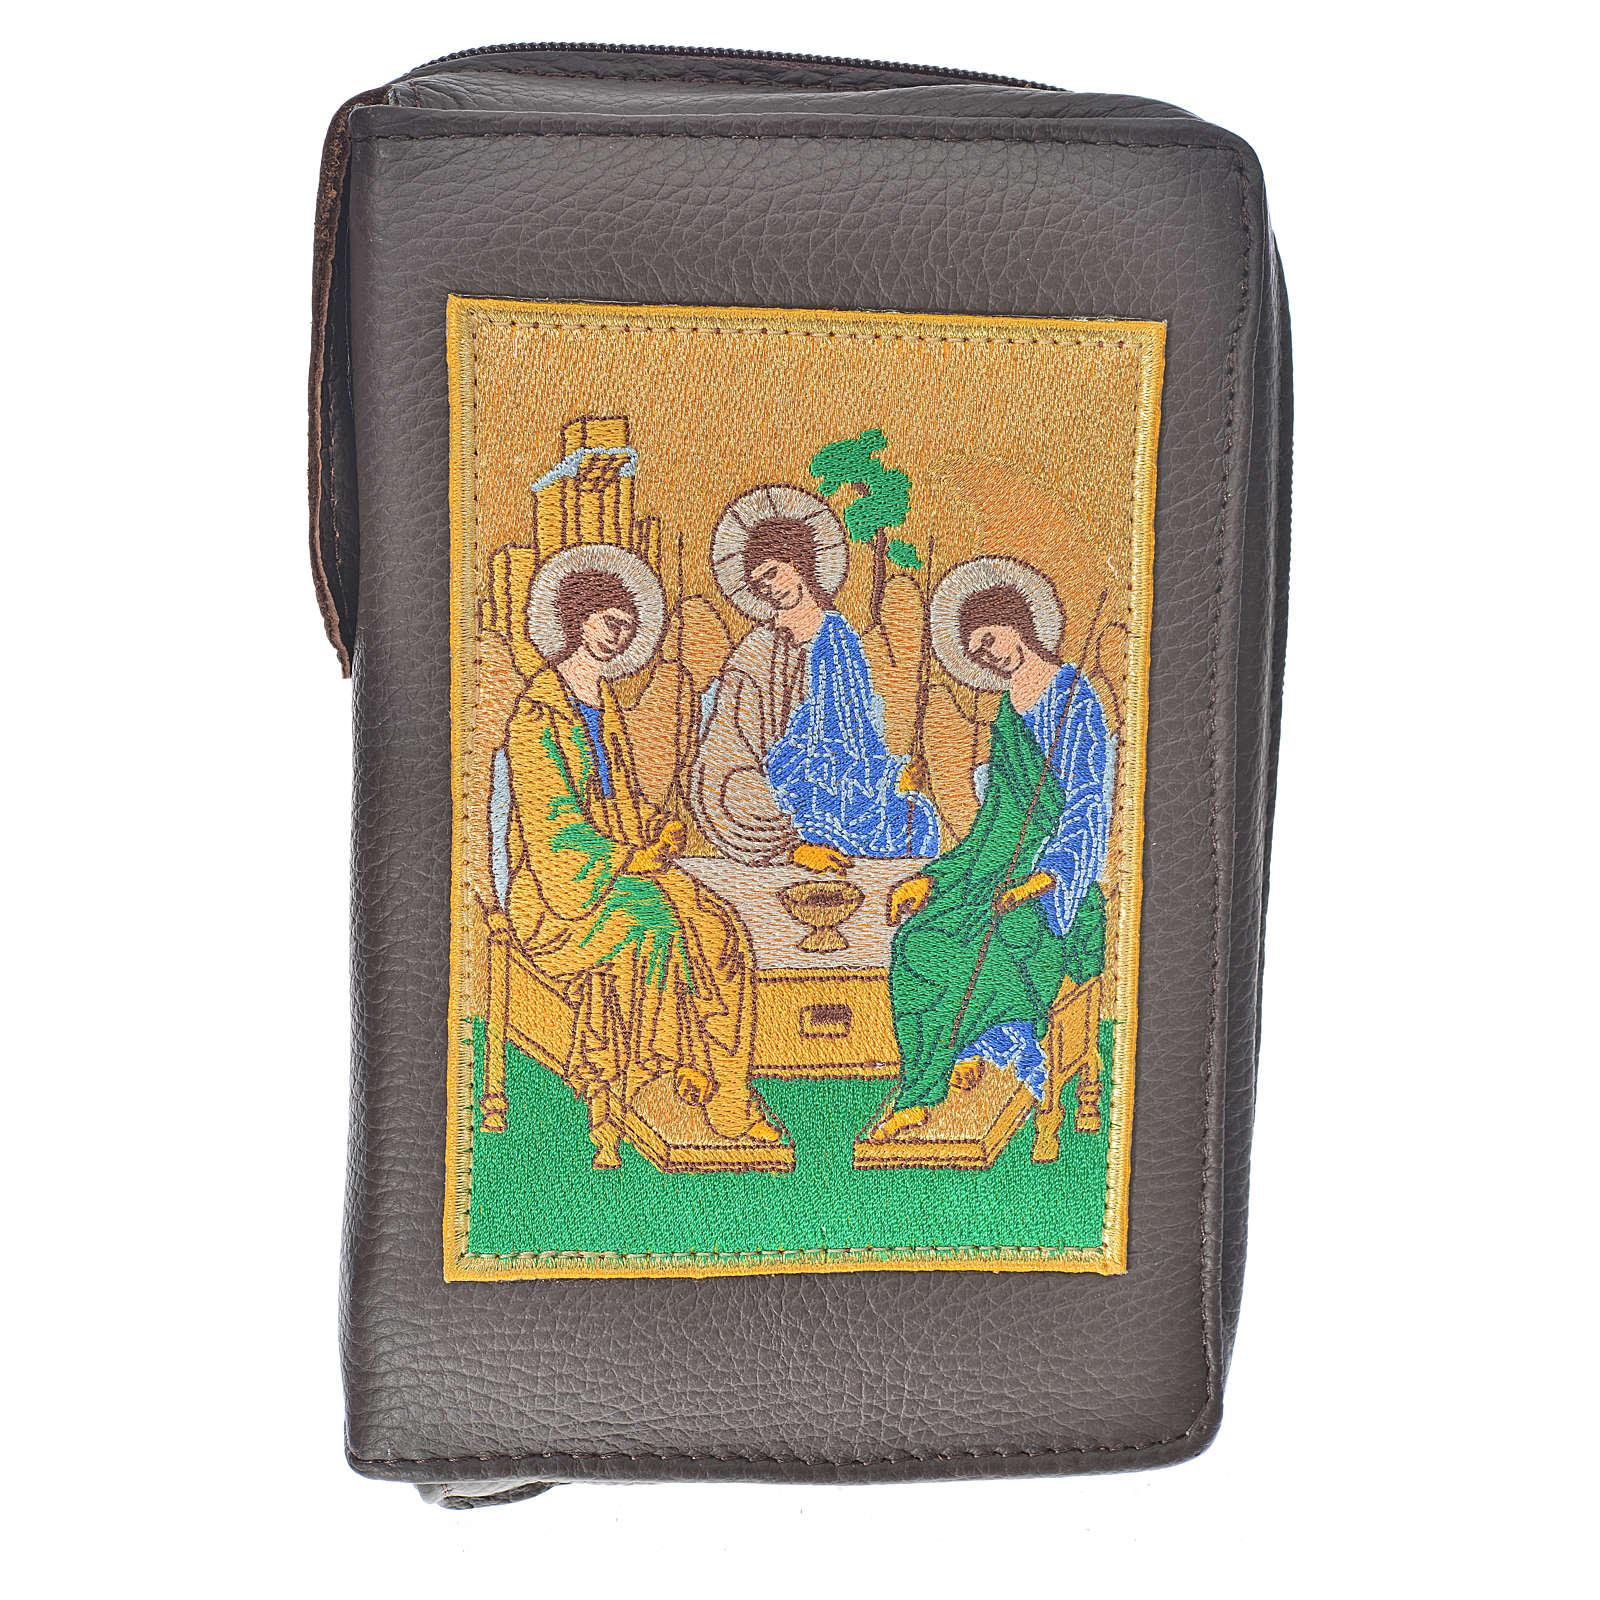 Funda Biblia Jerusalén Nueva Ed. simil cuero marrón oscuro SS. Trinidad 4